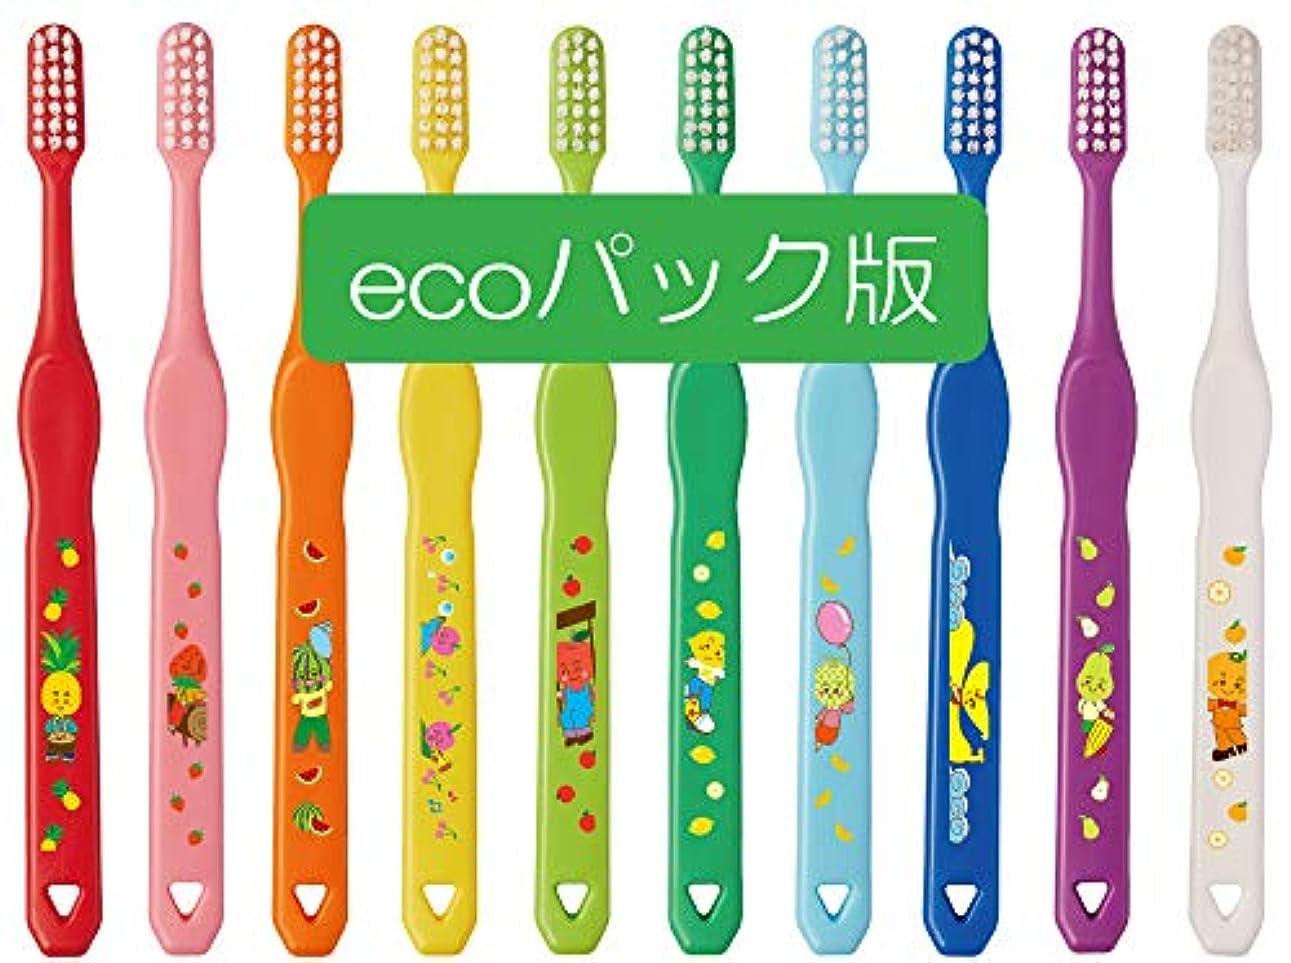 無視する排泄する狂った【Amazon.co.jp限定】歯科用 LA-215【 Lapis ハッピーカラー ジュニア フルーツシリーズ エコ包装版 】 10本入り 歯ブラシがマットな質感に生まれ変わりました。 対応年齢:5歳~11歳頃【日本製】